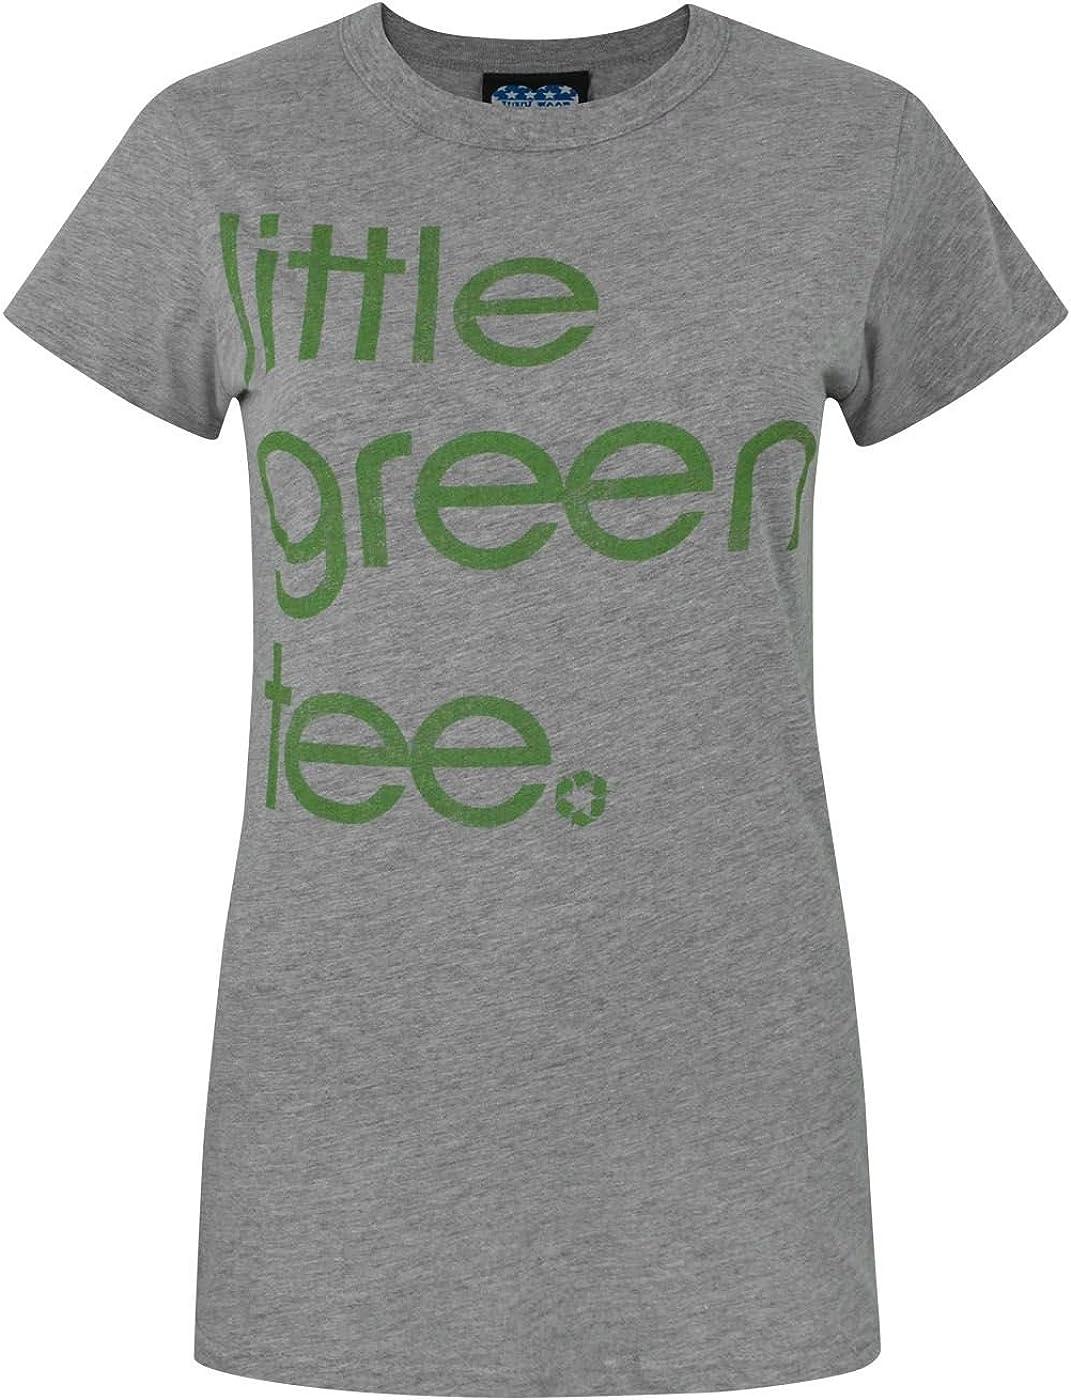 Junk Food Little Green Tee Women's T-Shirt